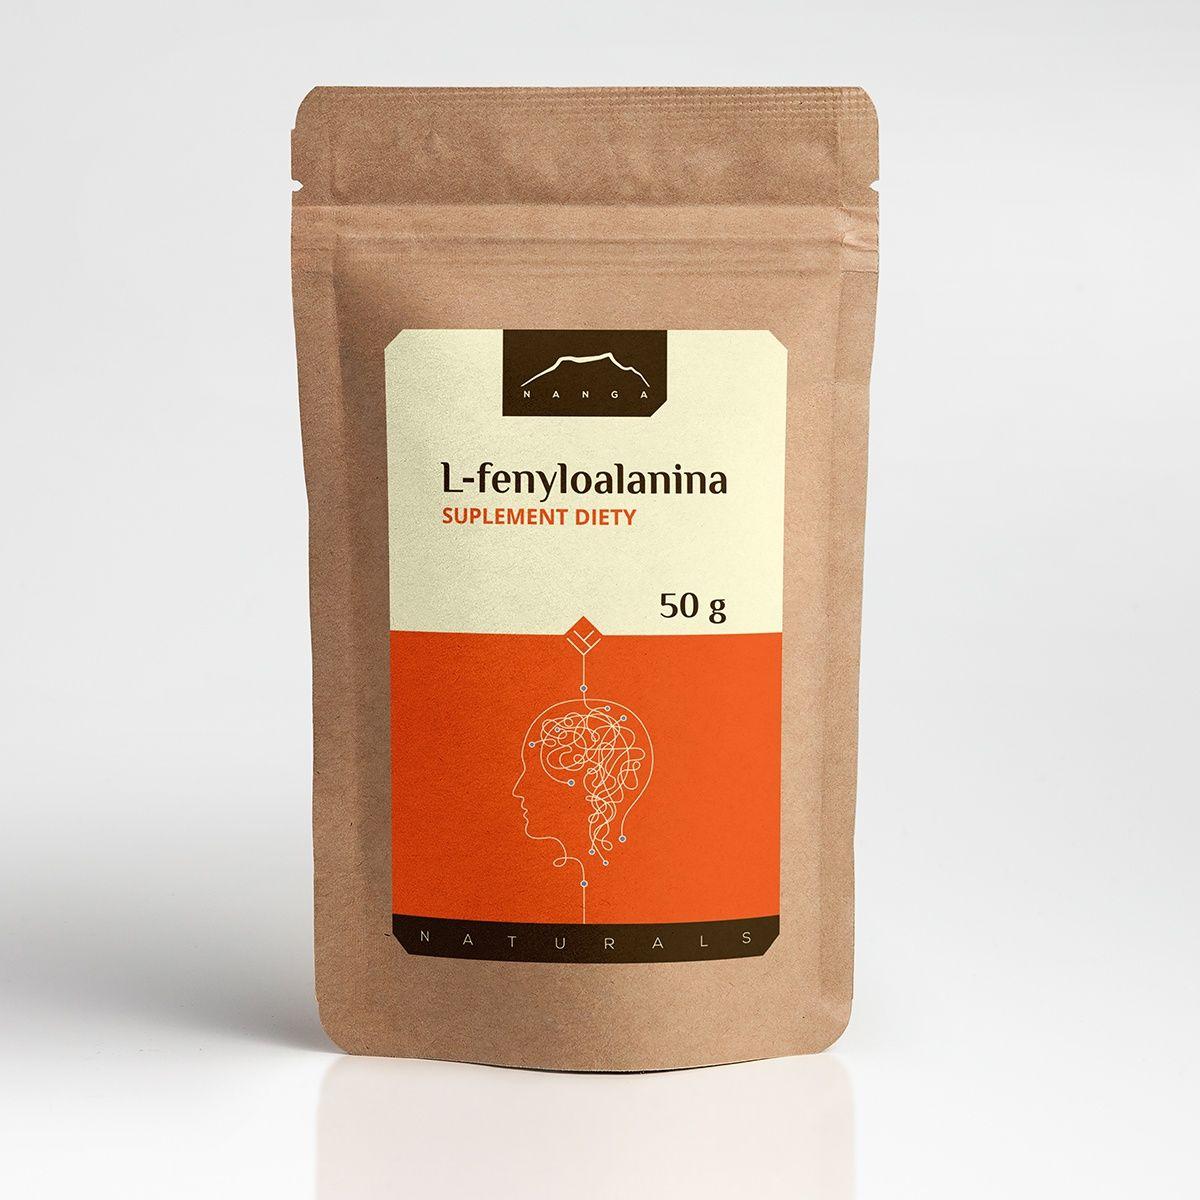 L-Fenyloalanina / LPA